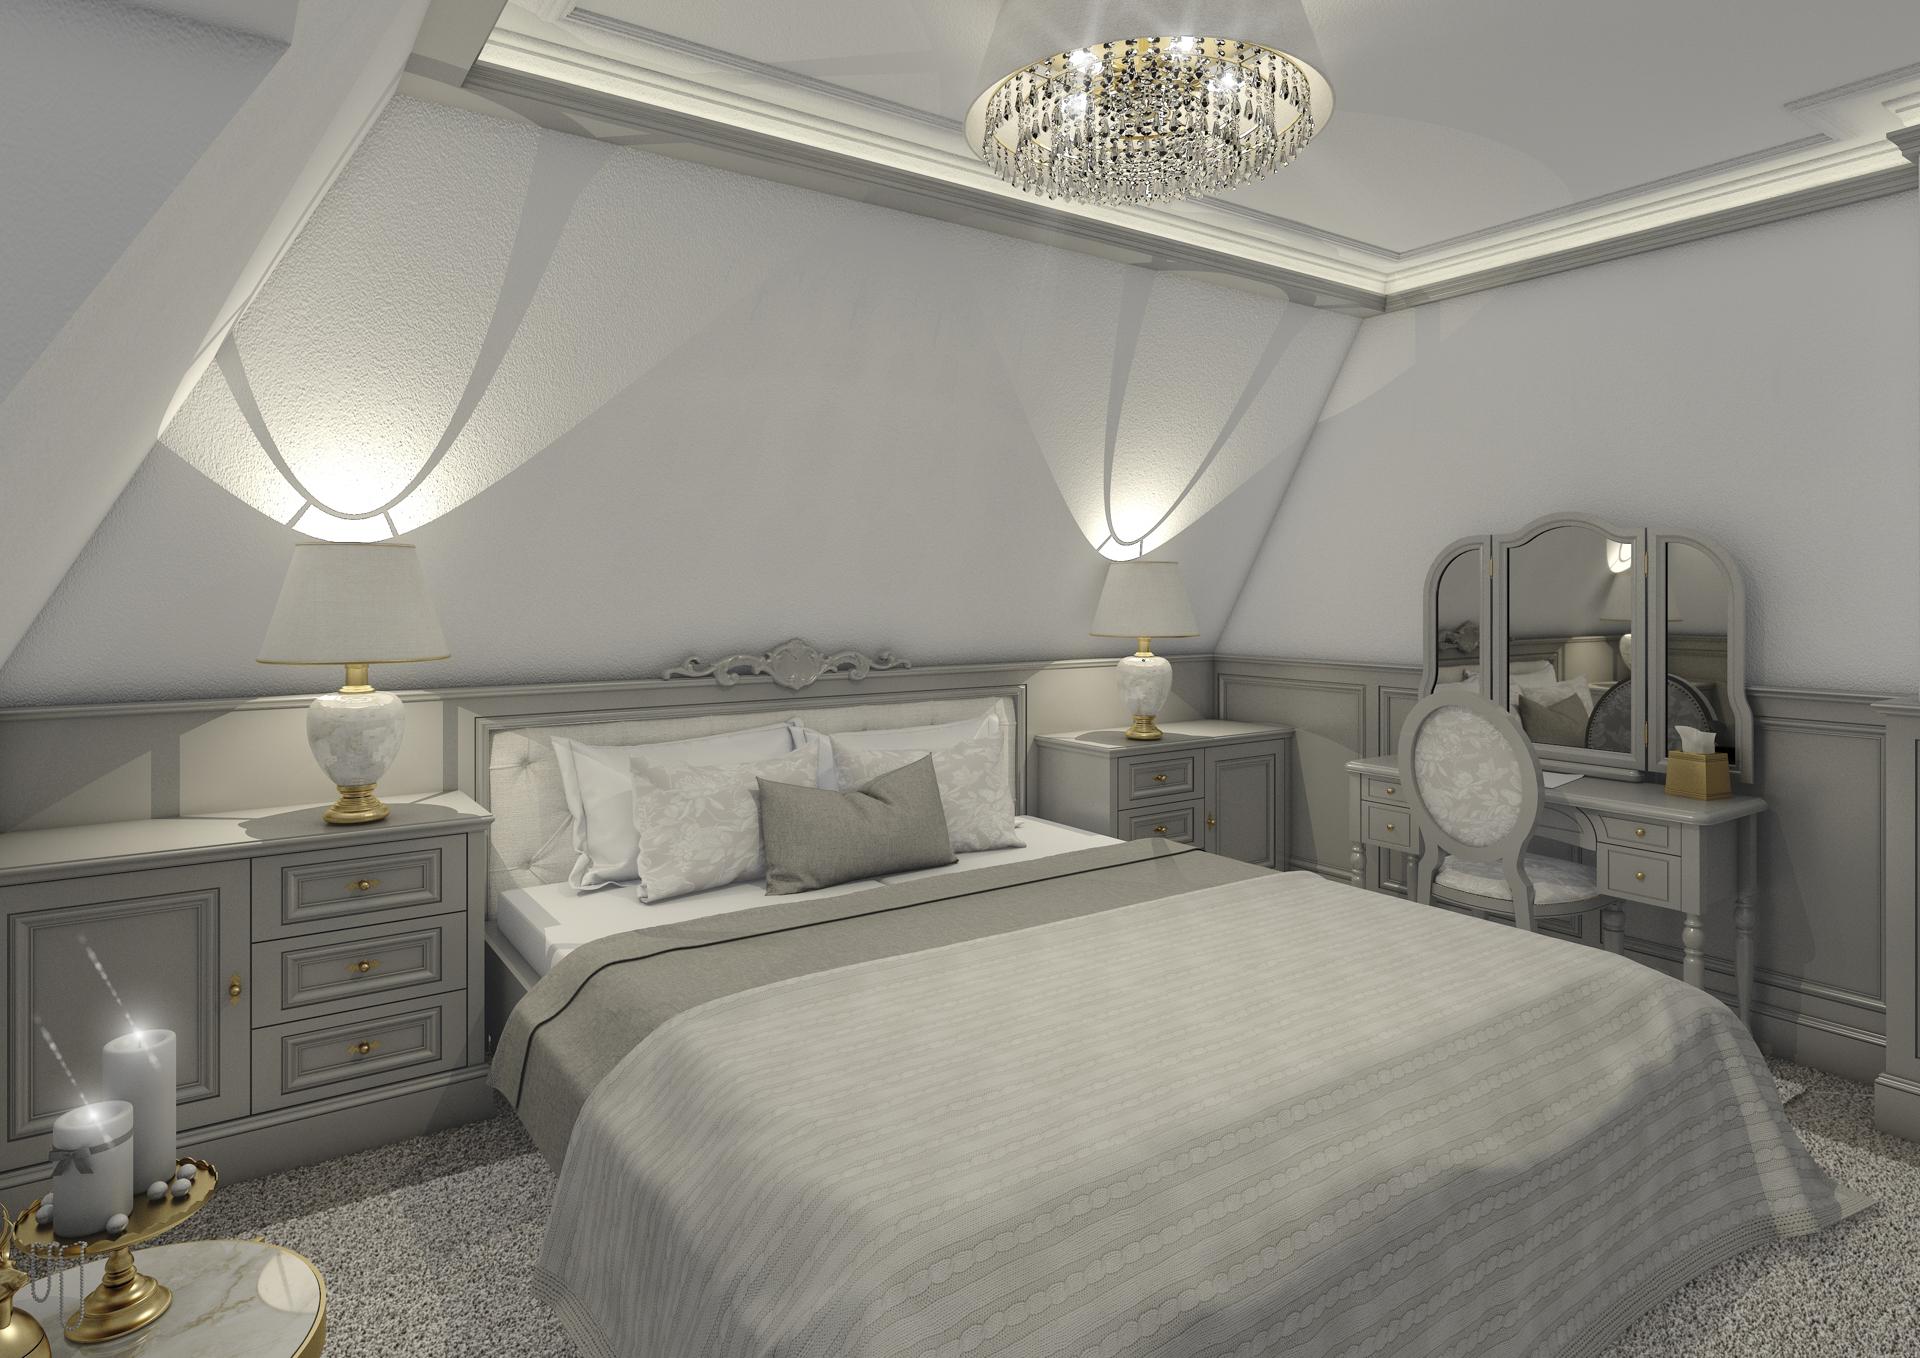 tischlerei-decker-visualisierungen-Klassisch-Ladyschlafzimmer